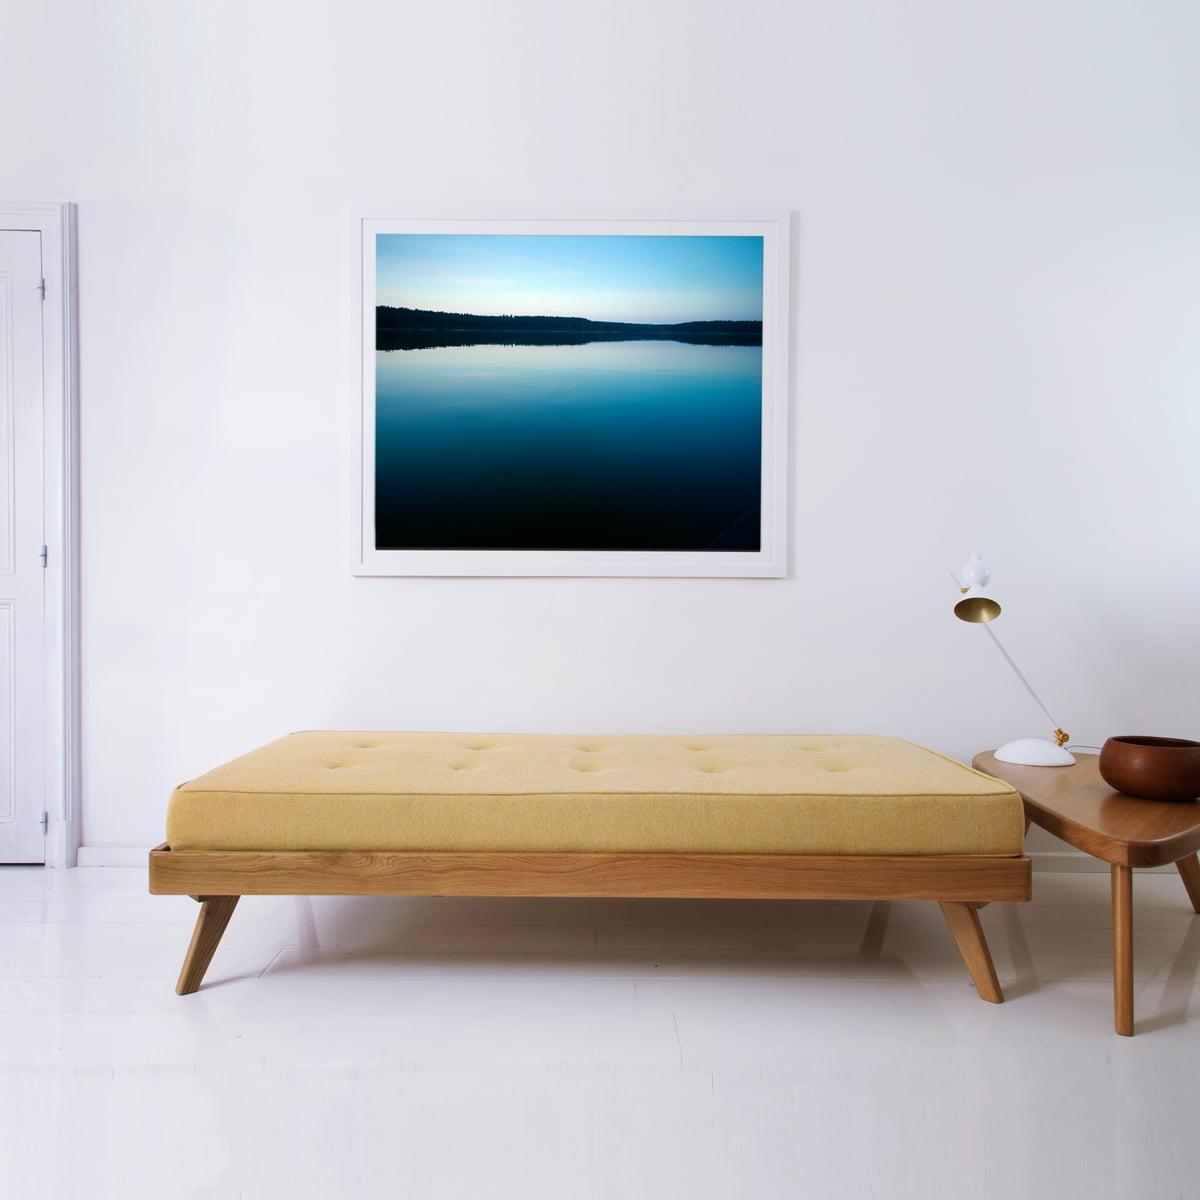 Daybed holz  Daybed Sofa von Gesa Hansen online kaufen